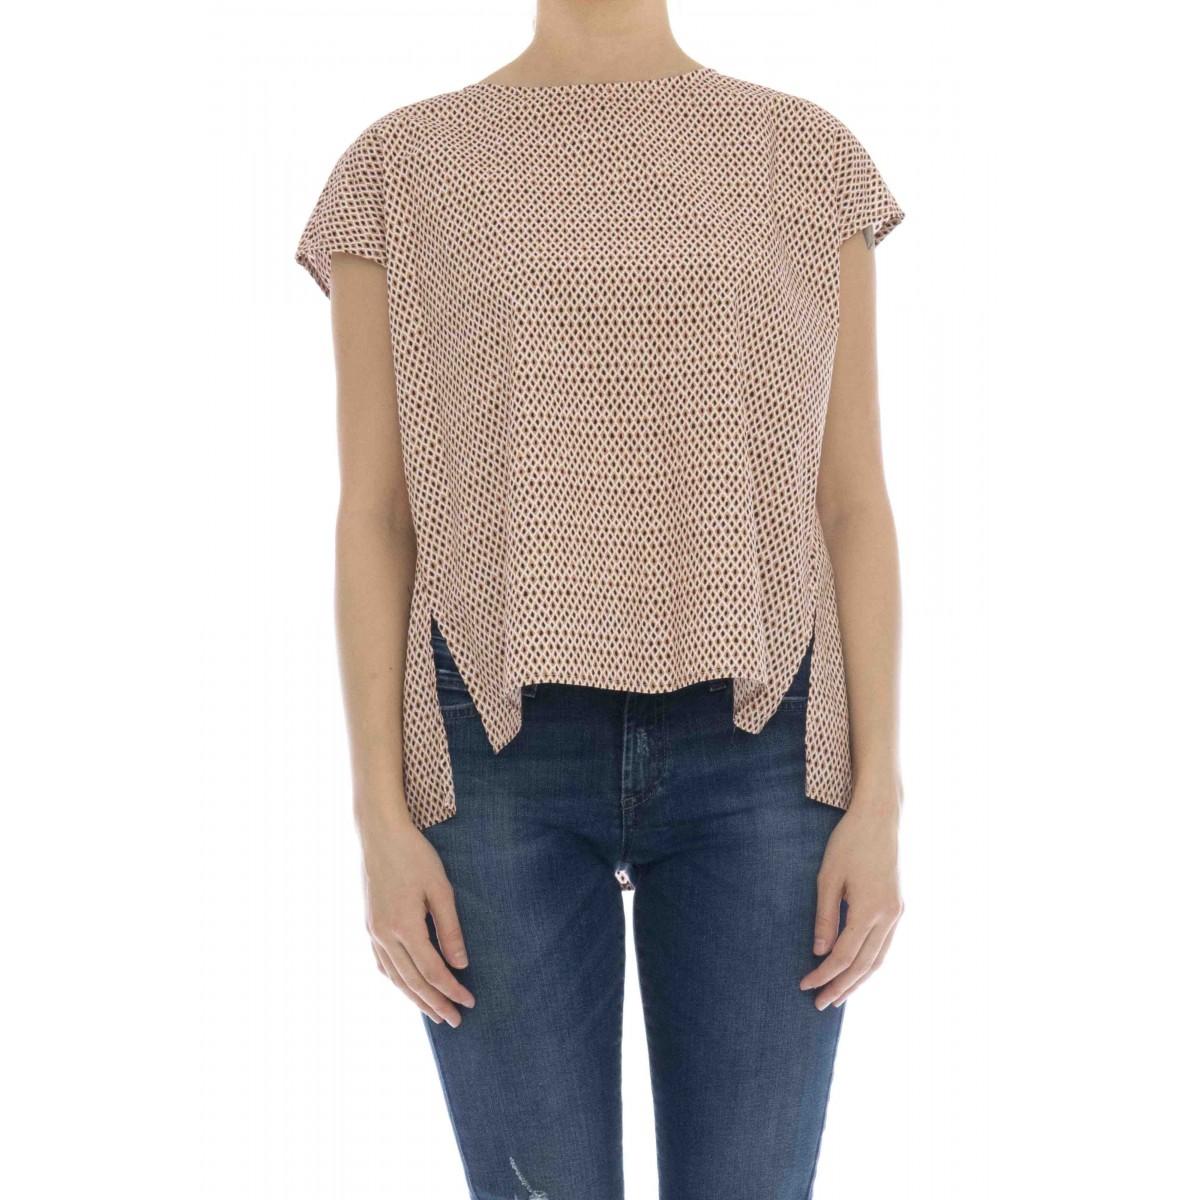 Camicia donna - Wwte148 camicia fantasia